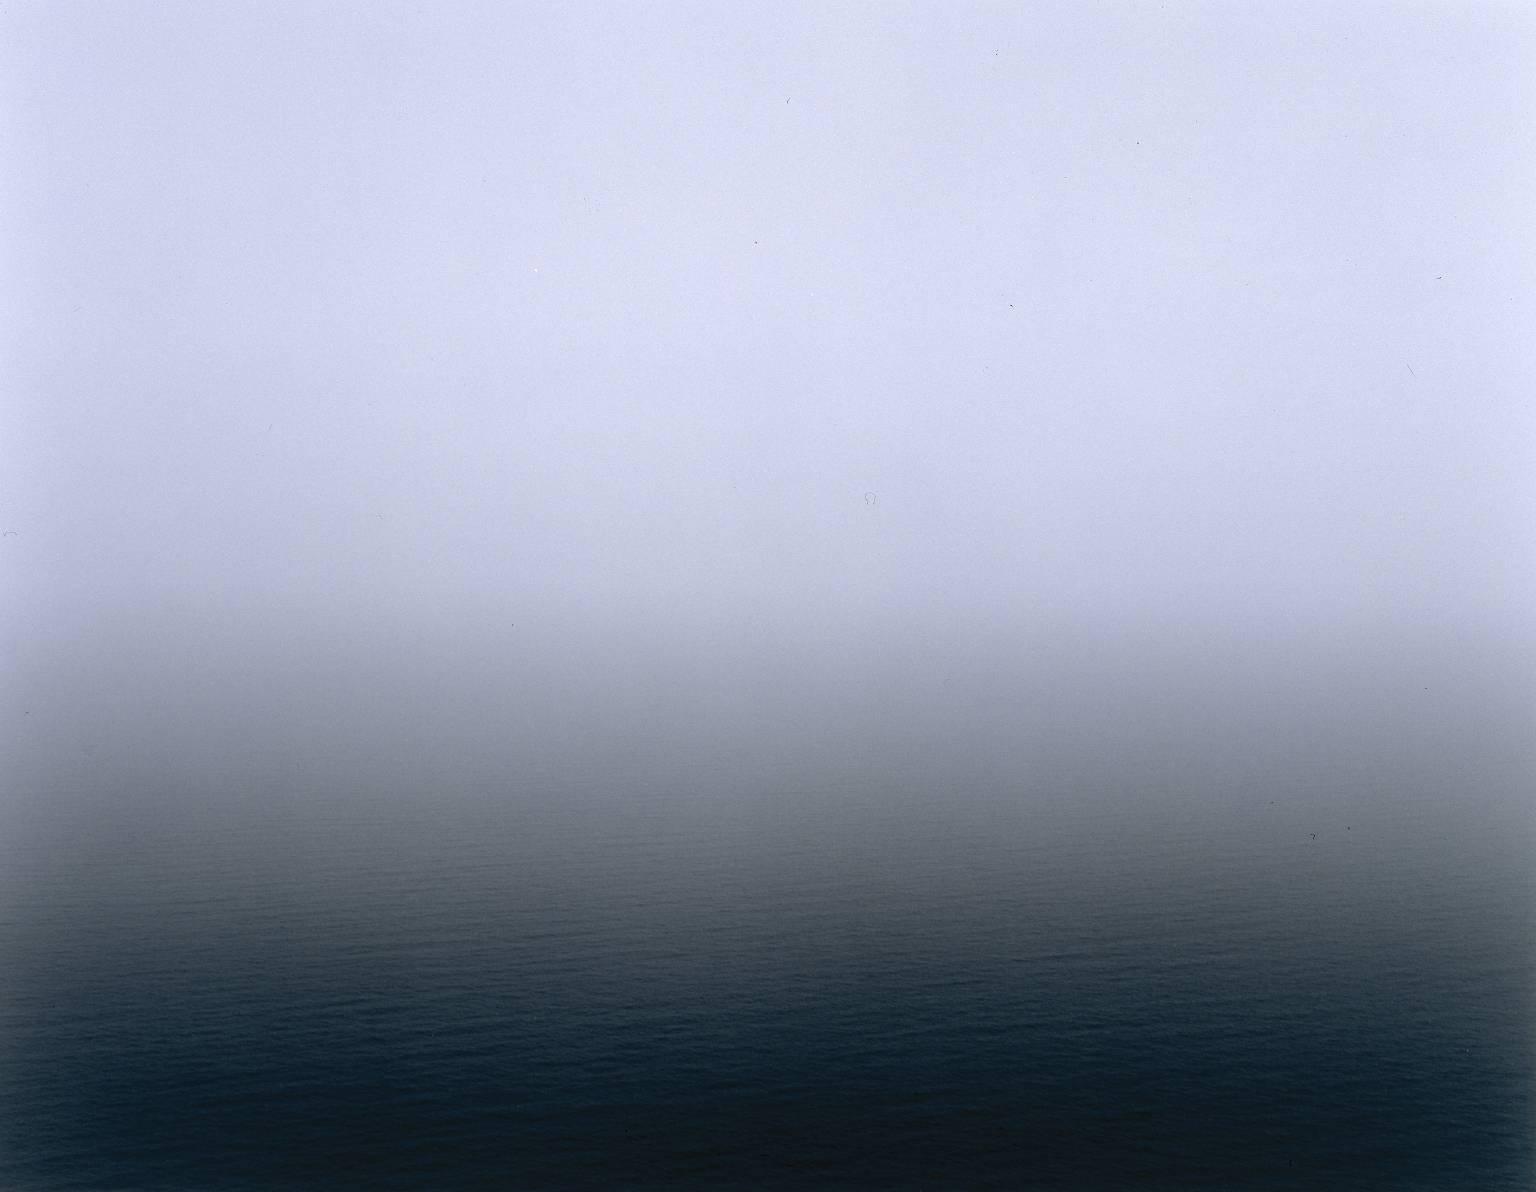 Aegean Sea, Pilion 1990 by Hiroshi Sugimoto born 1948